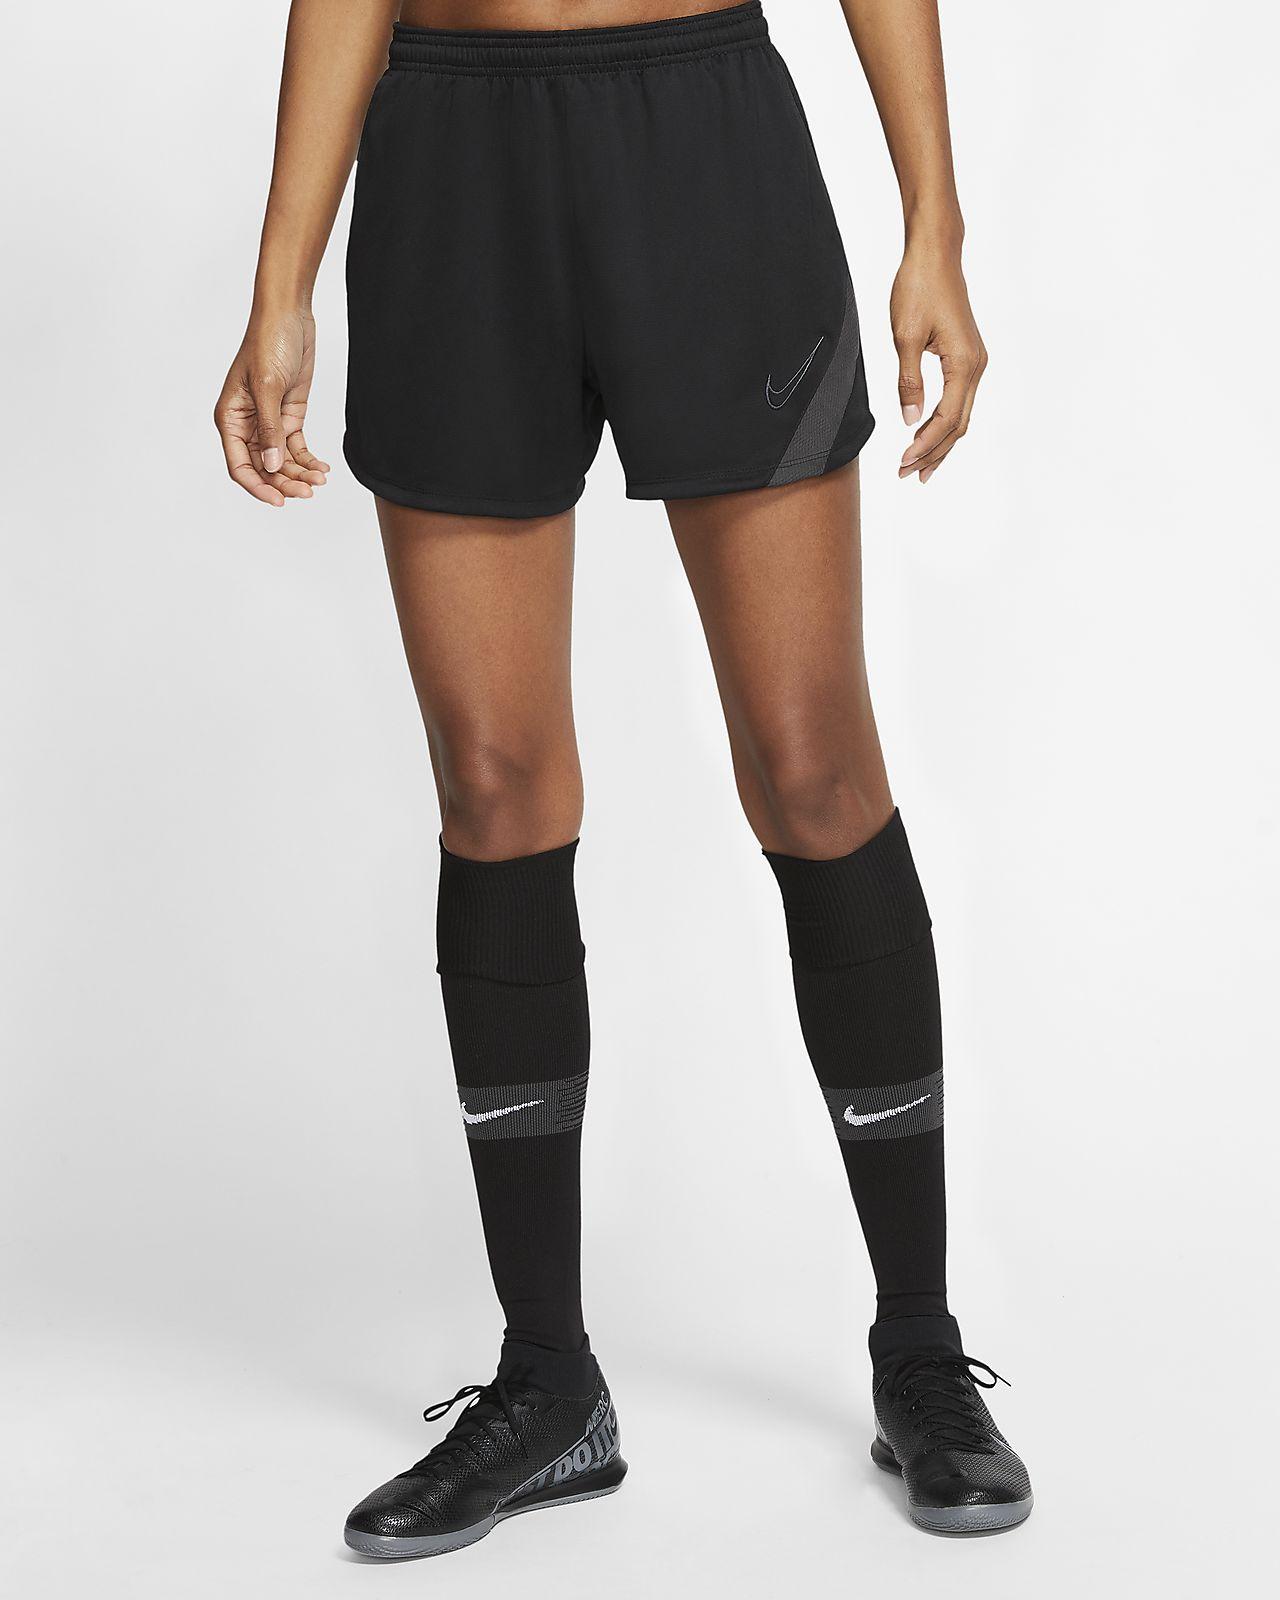 Nike Dri-FIT Academy Pro Pantalón corto de fútbol - Mujer